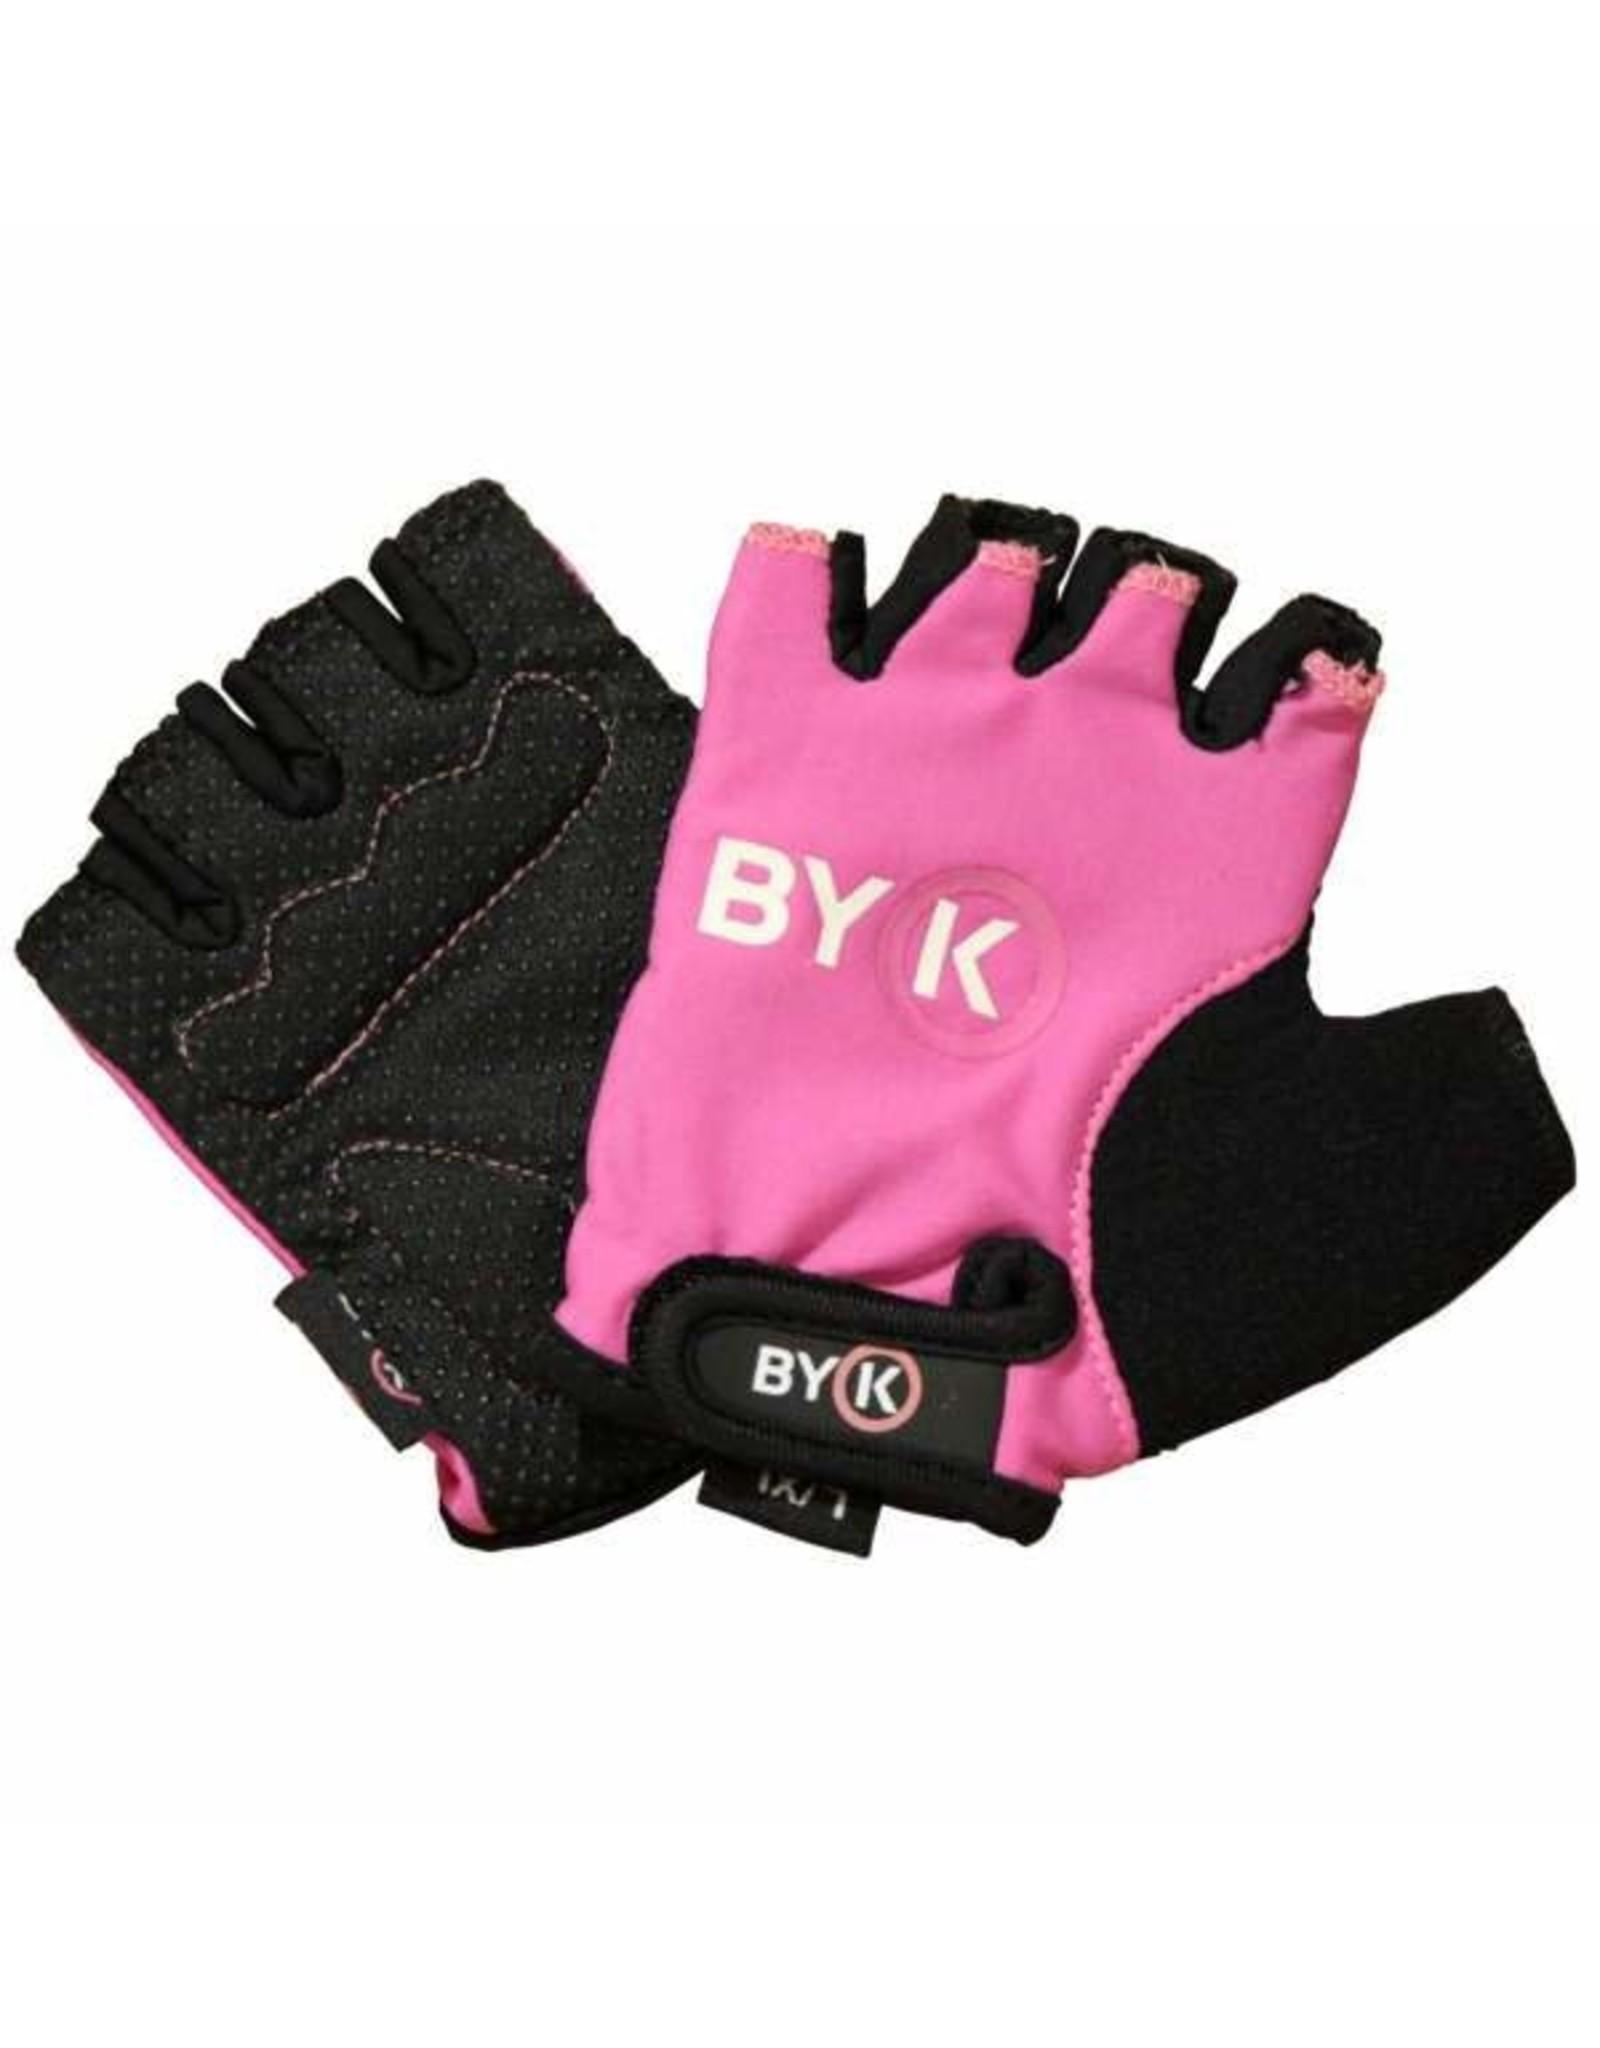 BYK Premium Kids Gloves